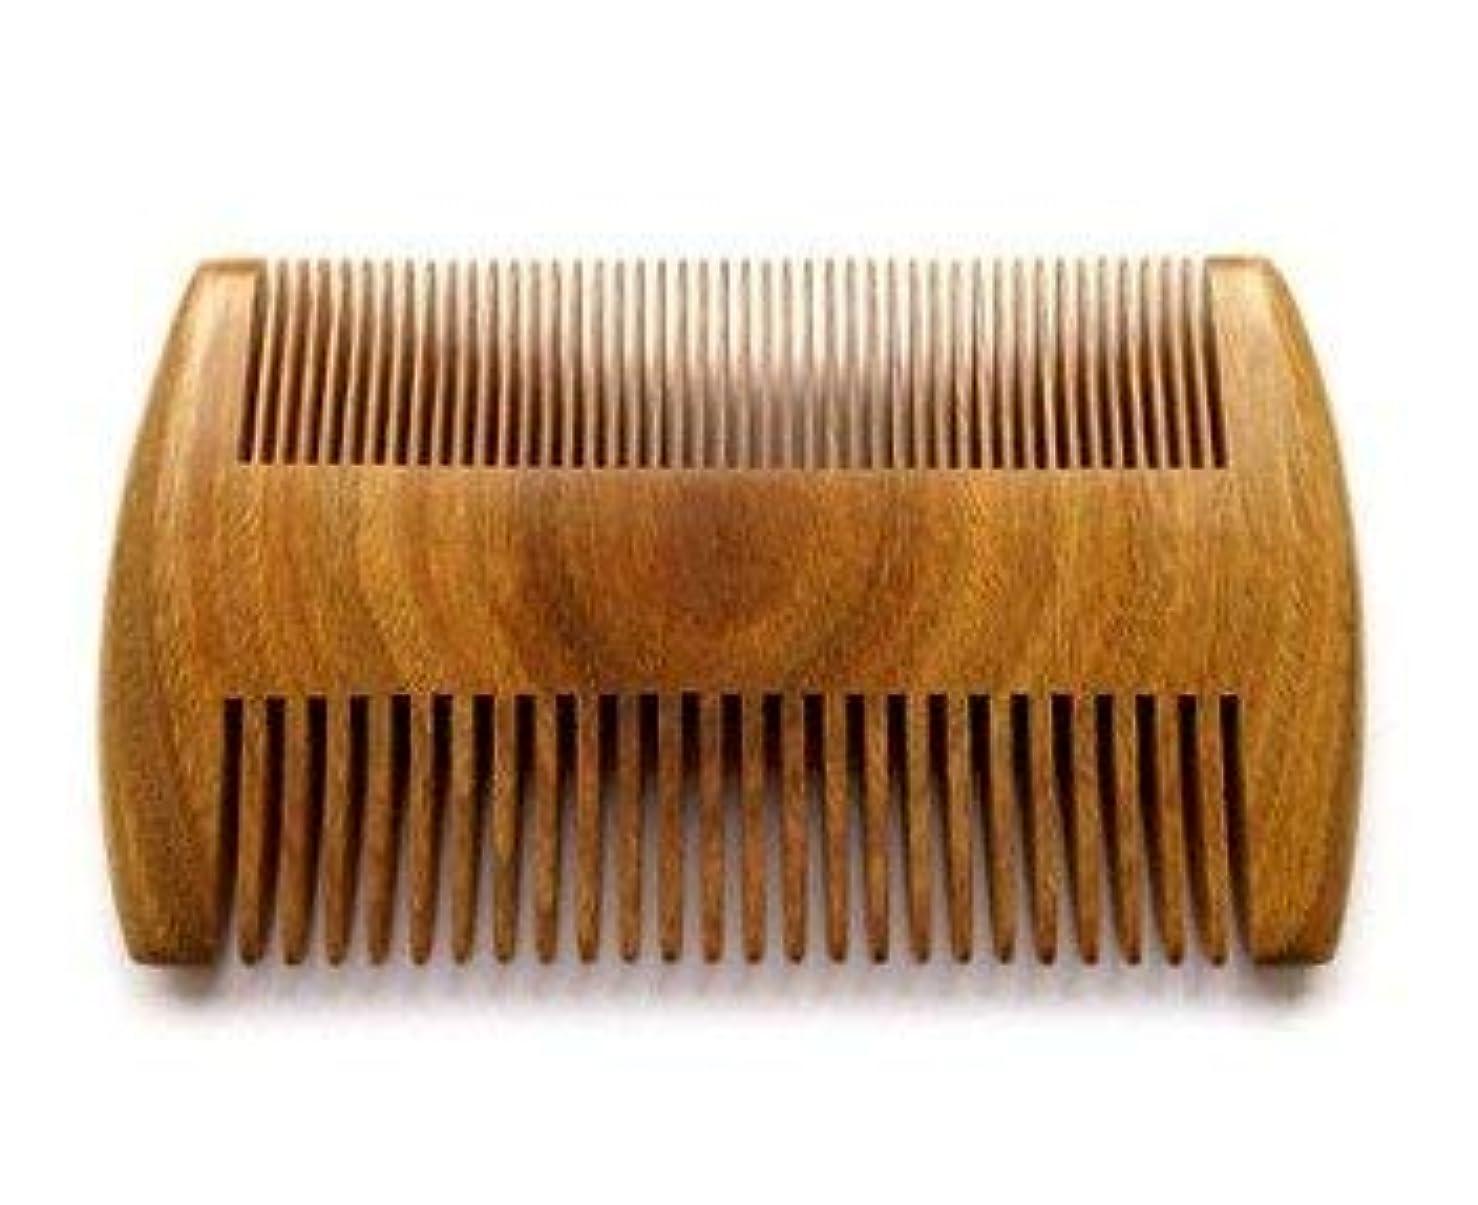 終了する世代暴徒Myhsmooth GS-SM-NF Handmade Natural Green Sandalwood No Static Comb Pocket Comb Perfect Beard Comb with Aromatic Scent for Long and Short Beards Perfect Mustache Comb(4